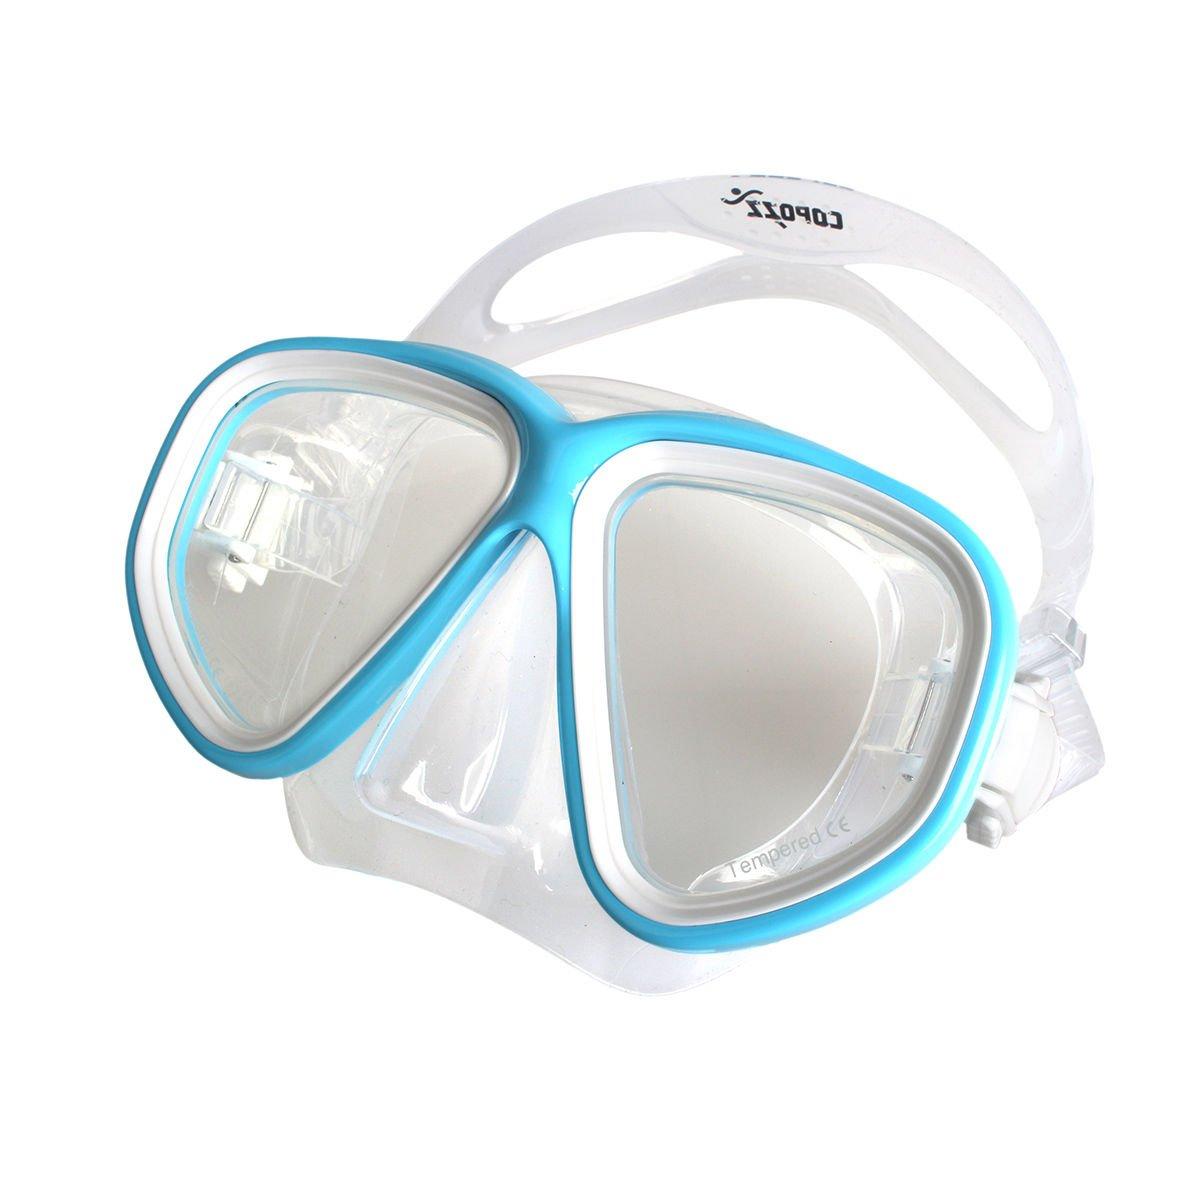 ライトブルーダイビングマスクゴーグル水泳ダイビングゴーグルメガネ曇り止めUV Underwater